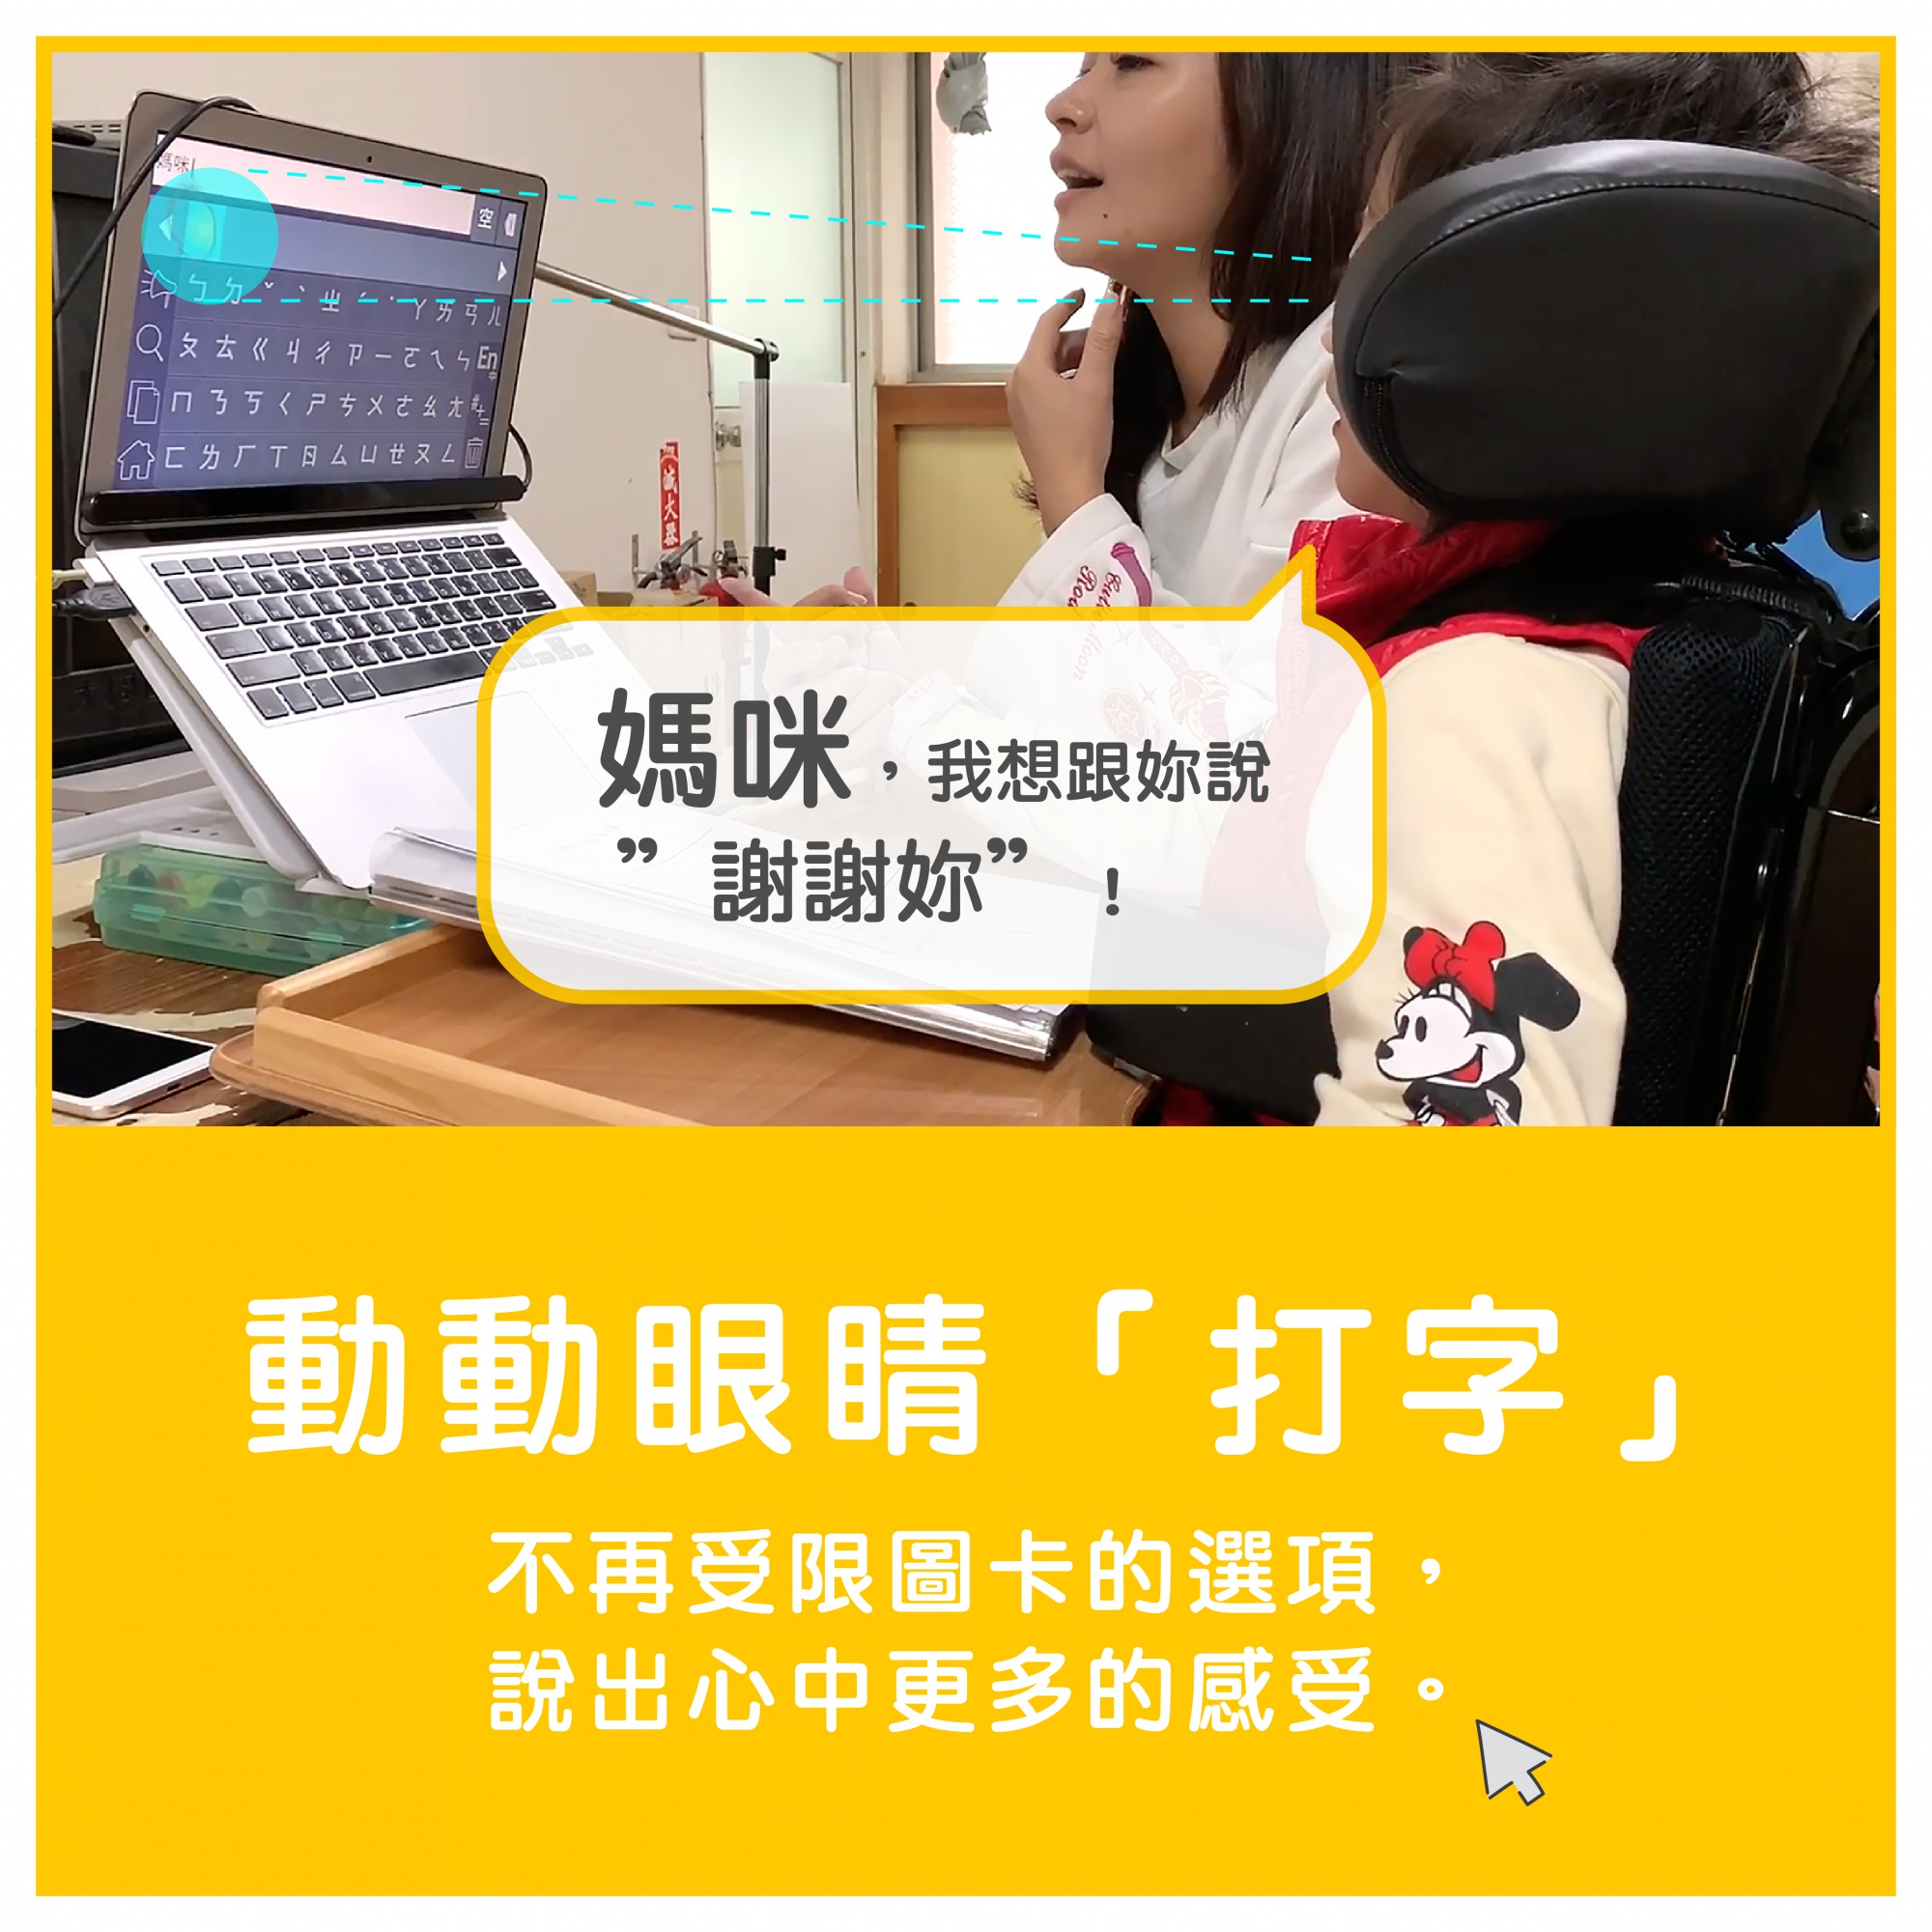 重症孩子用眼動軟體打字